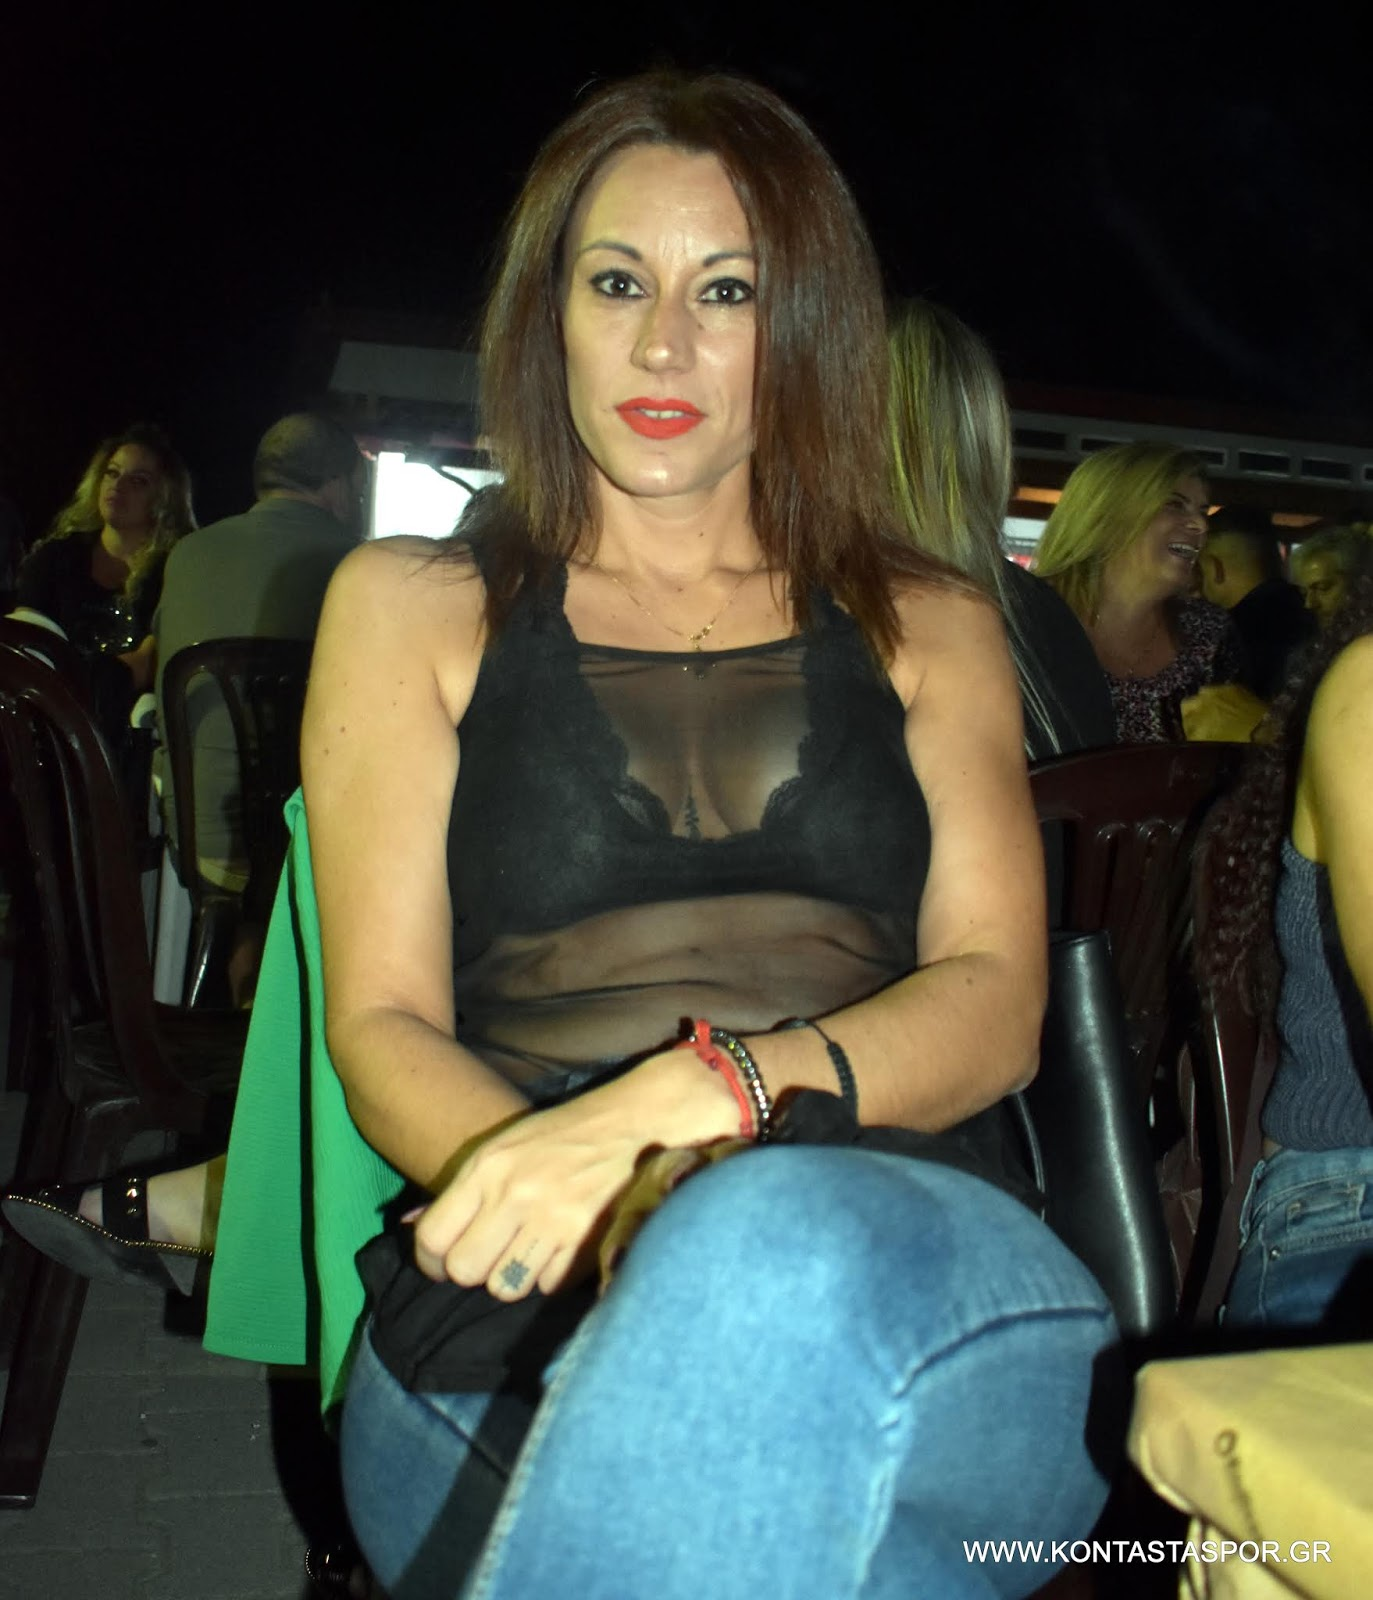 Με επιτυχία η λαική βραδιά  Αδαμαντίδη στα Ψαχνά (φωτογραφίες) 1 DSC 0052